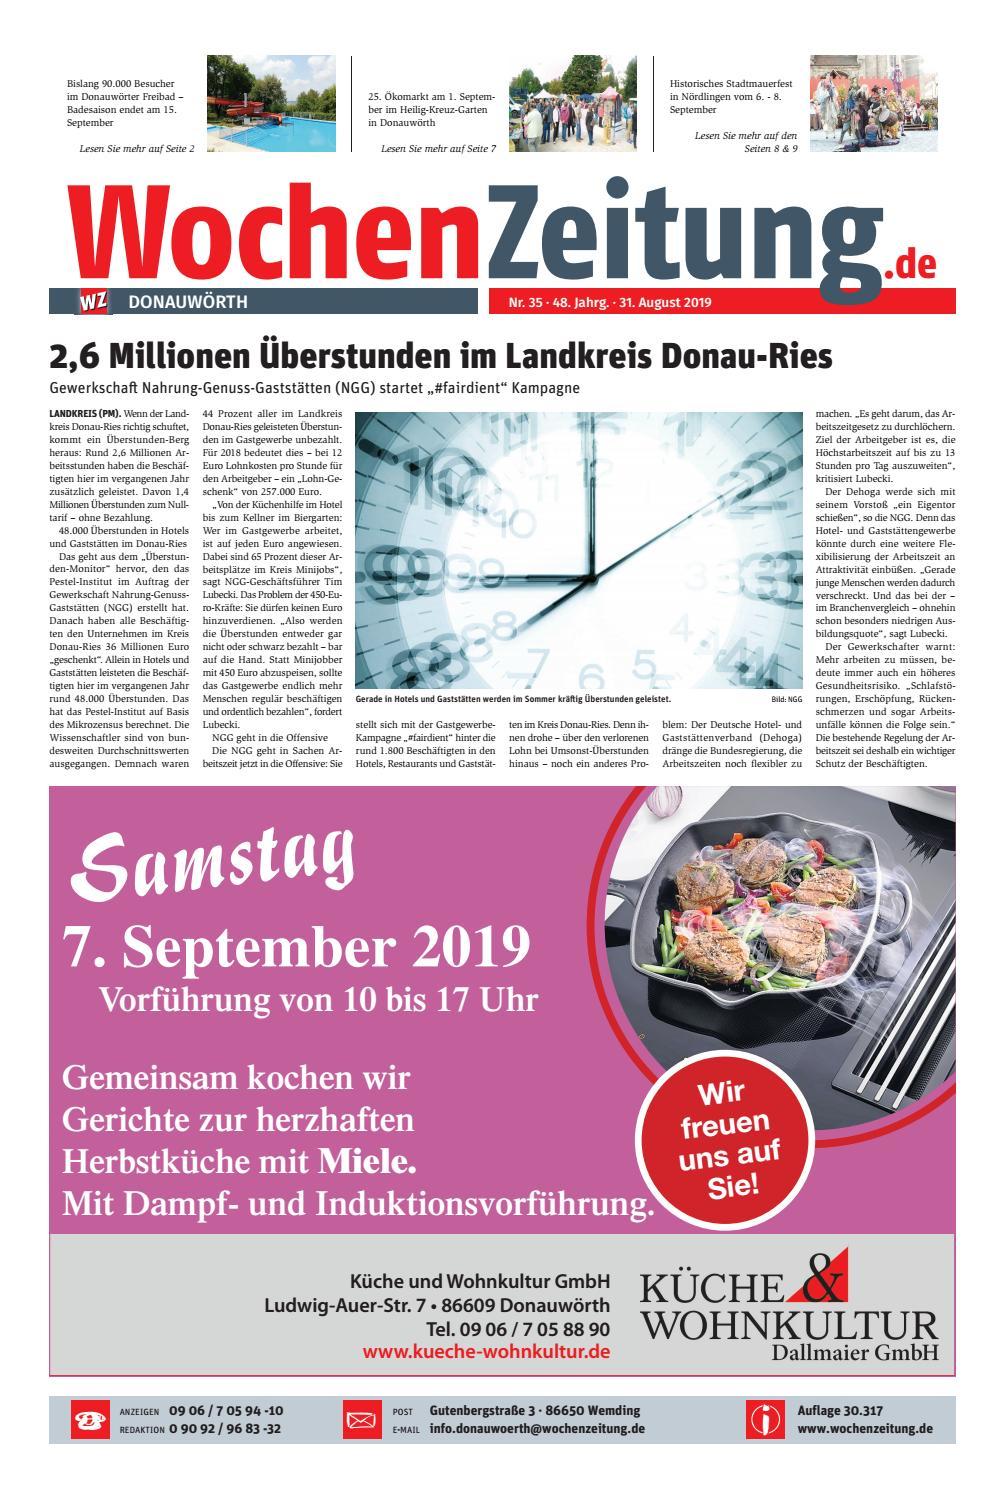 Kw 18 By Wochenzeitung Donauwörth 35 5Rj4AL3q